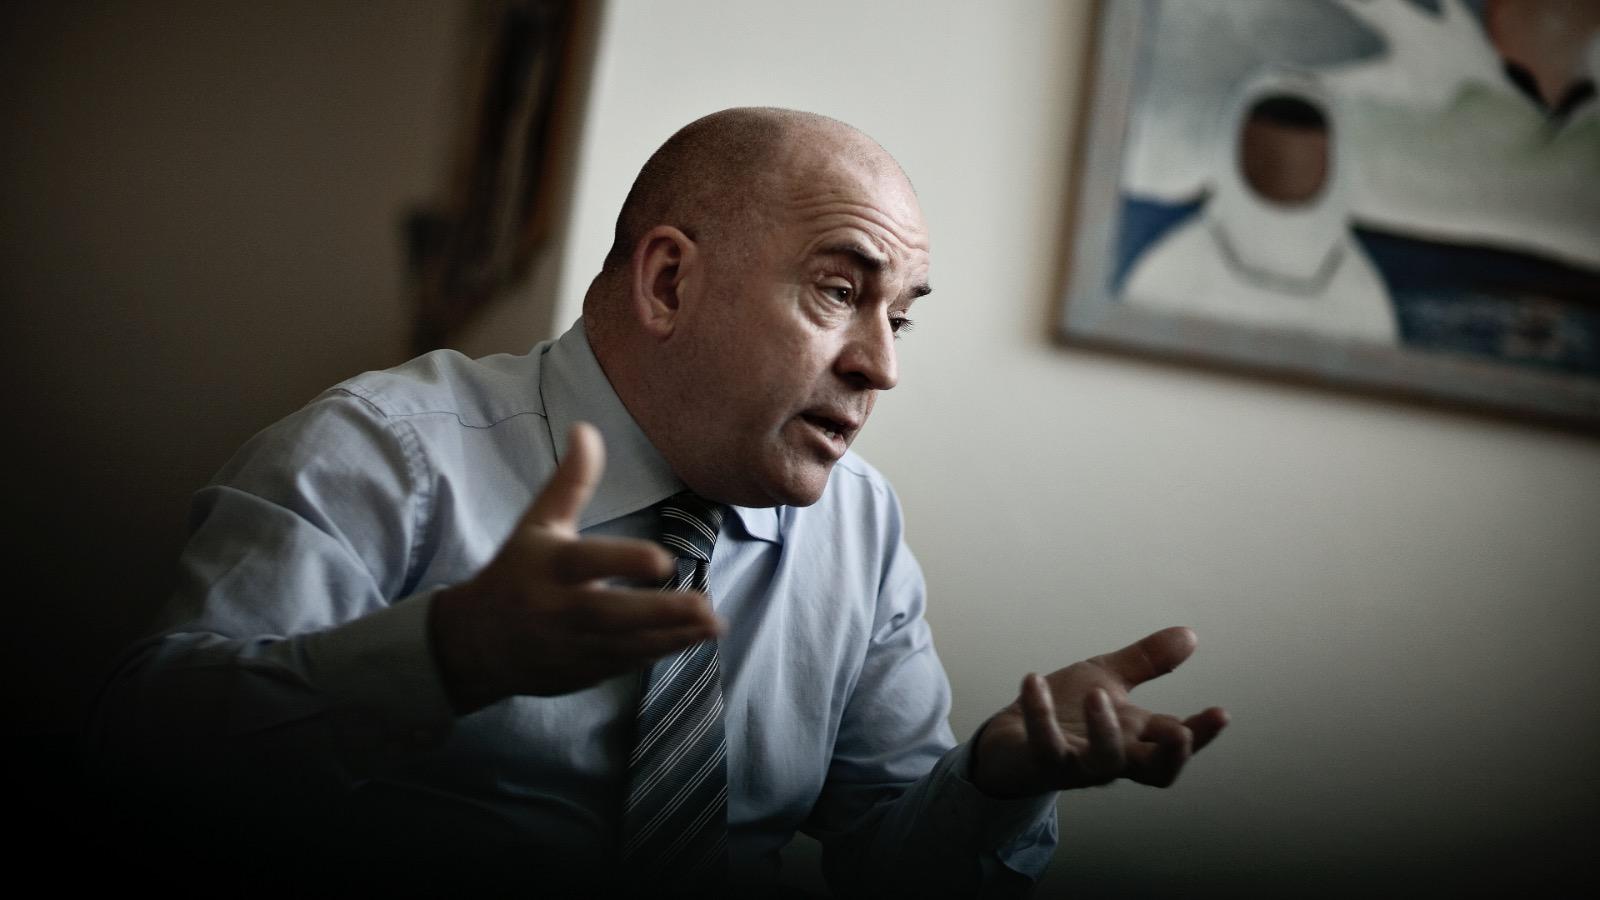 Søren Espersen: Gad vist om ikke også vi snart vil se billeder, hvor Talibans styrker bliver tiljublet på vej ind i Kabul